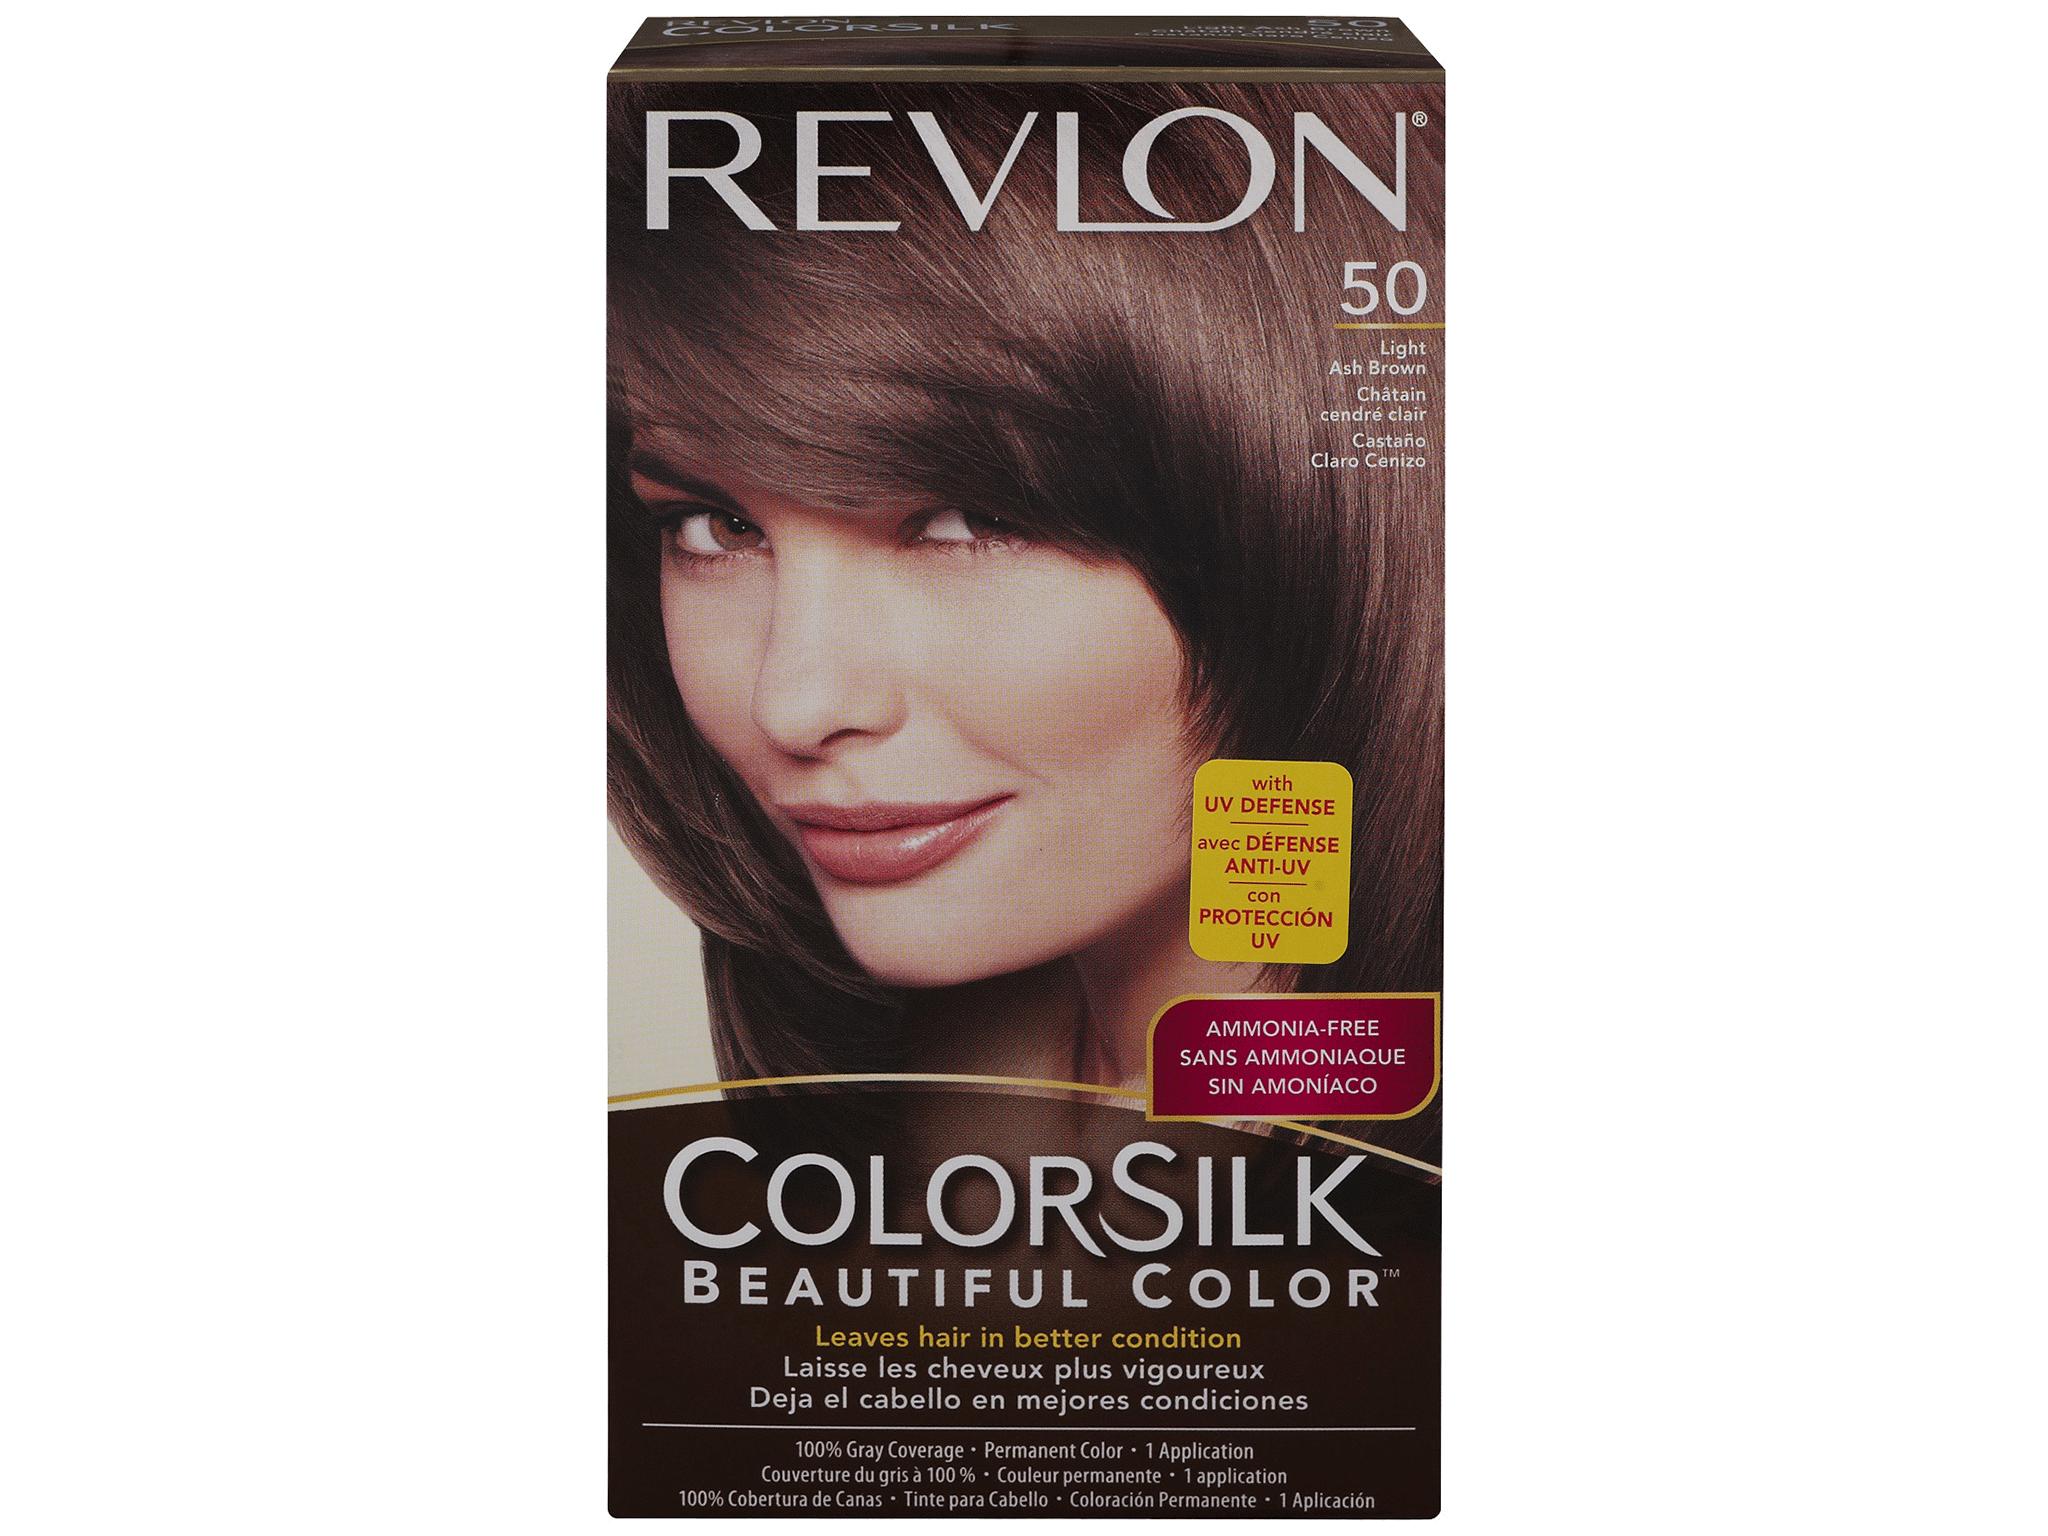 Revlon Colorsilk Beautiful Color Permanent Haircolor Light Ash Brown